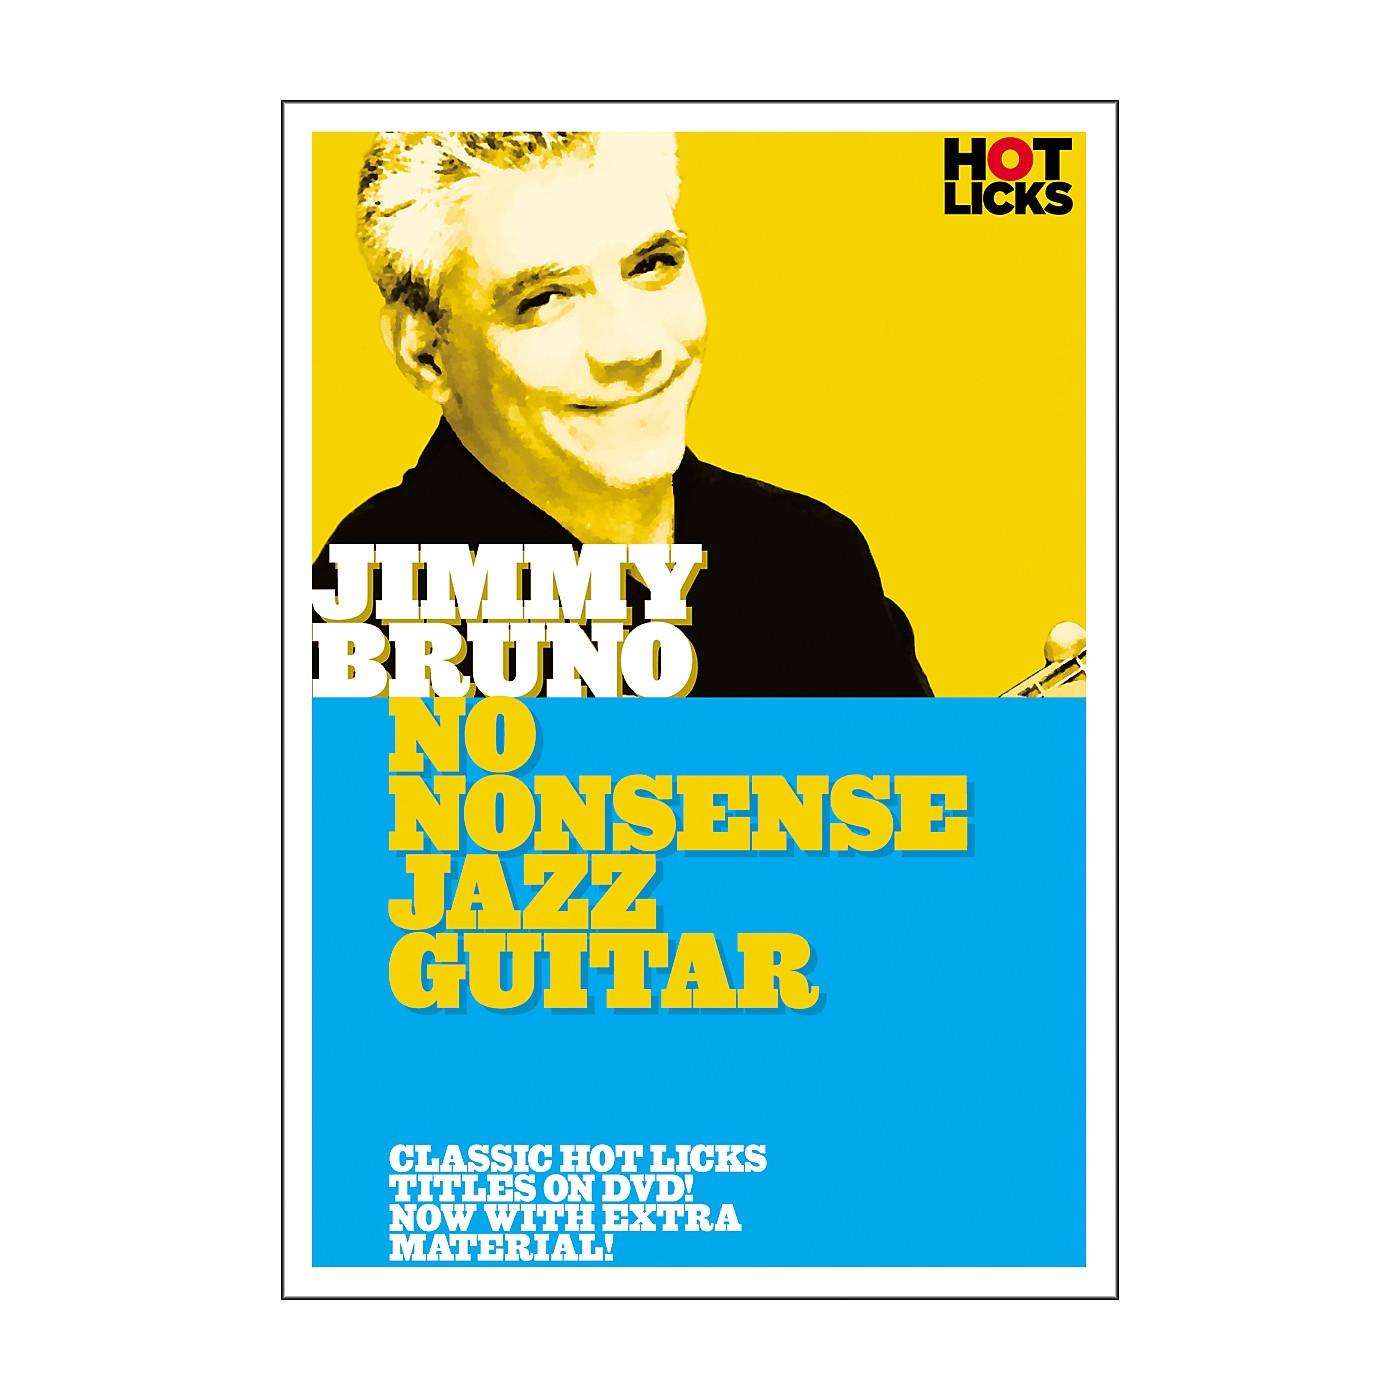 Hot Licks Jimmy Bruno: No Nonsense Jazz Guitar DVD thumbnail